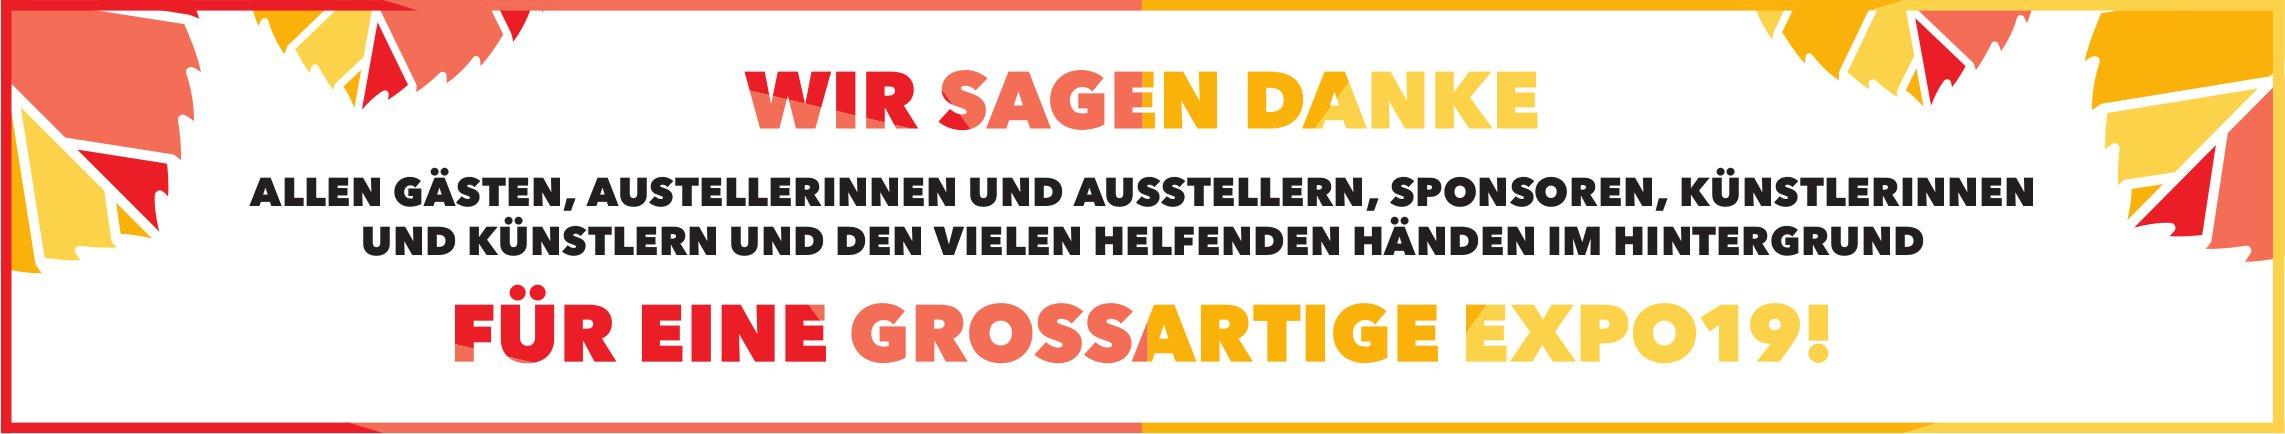 WIR SAGEN DANKE FÜR EINE GROSSARTIGE EXPO19 !